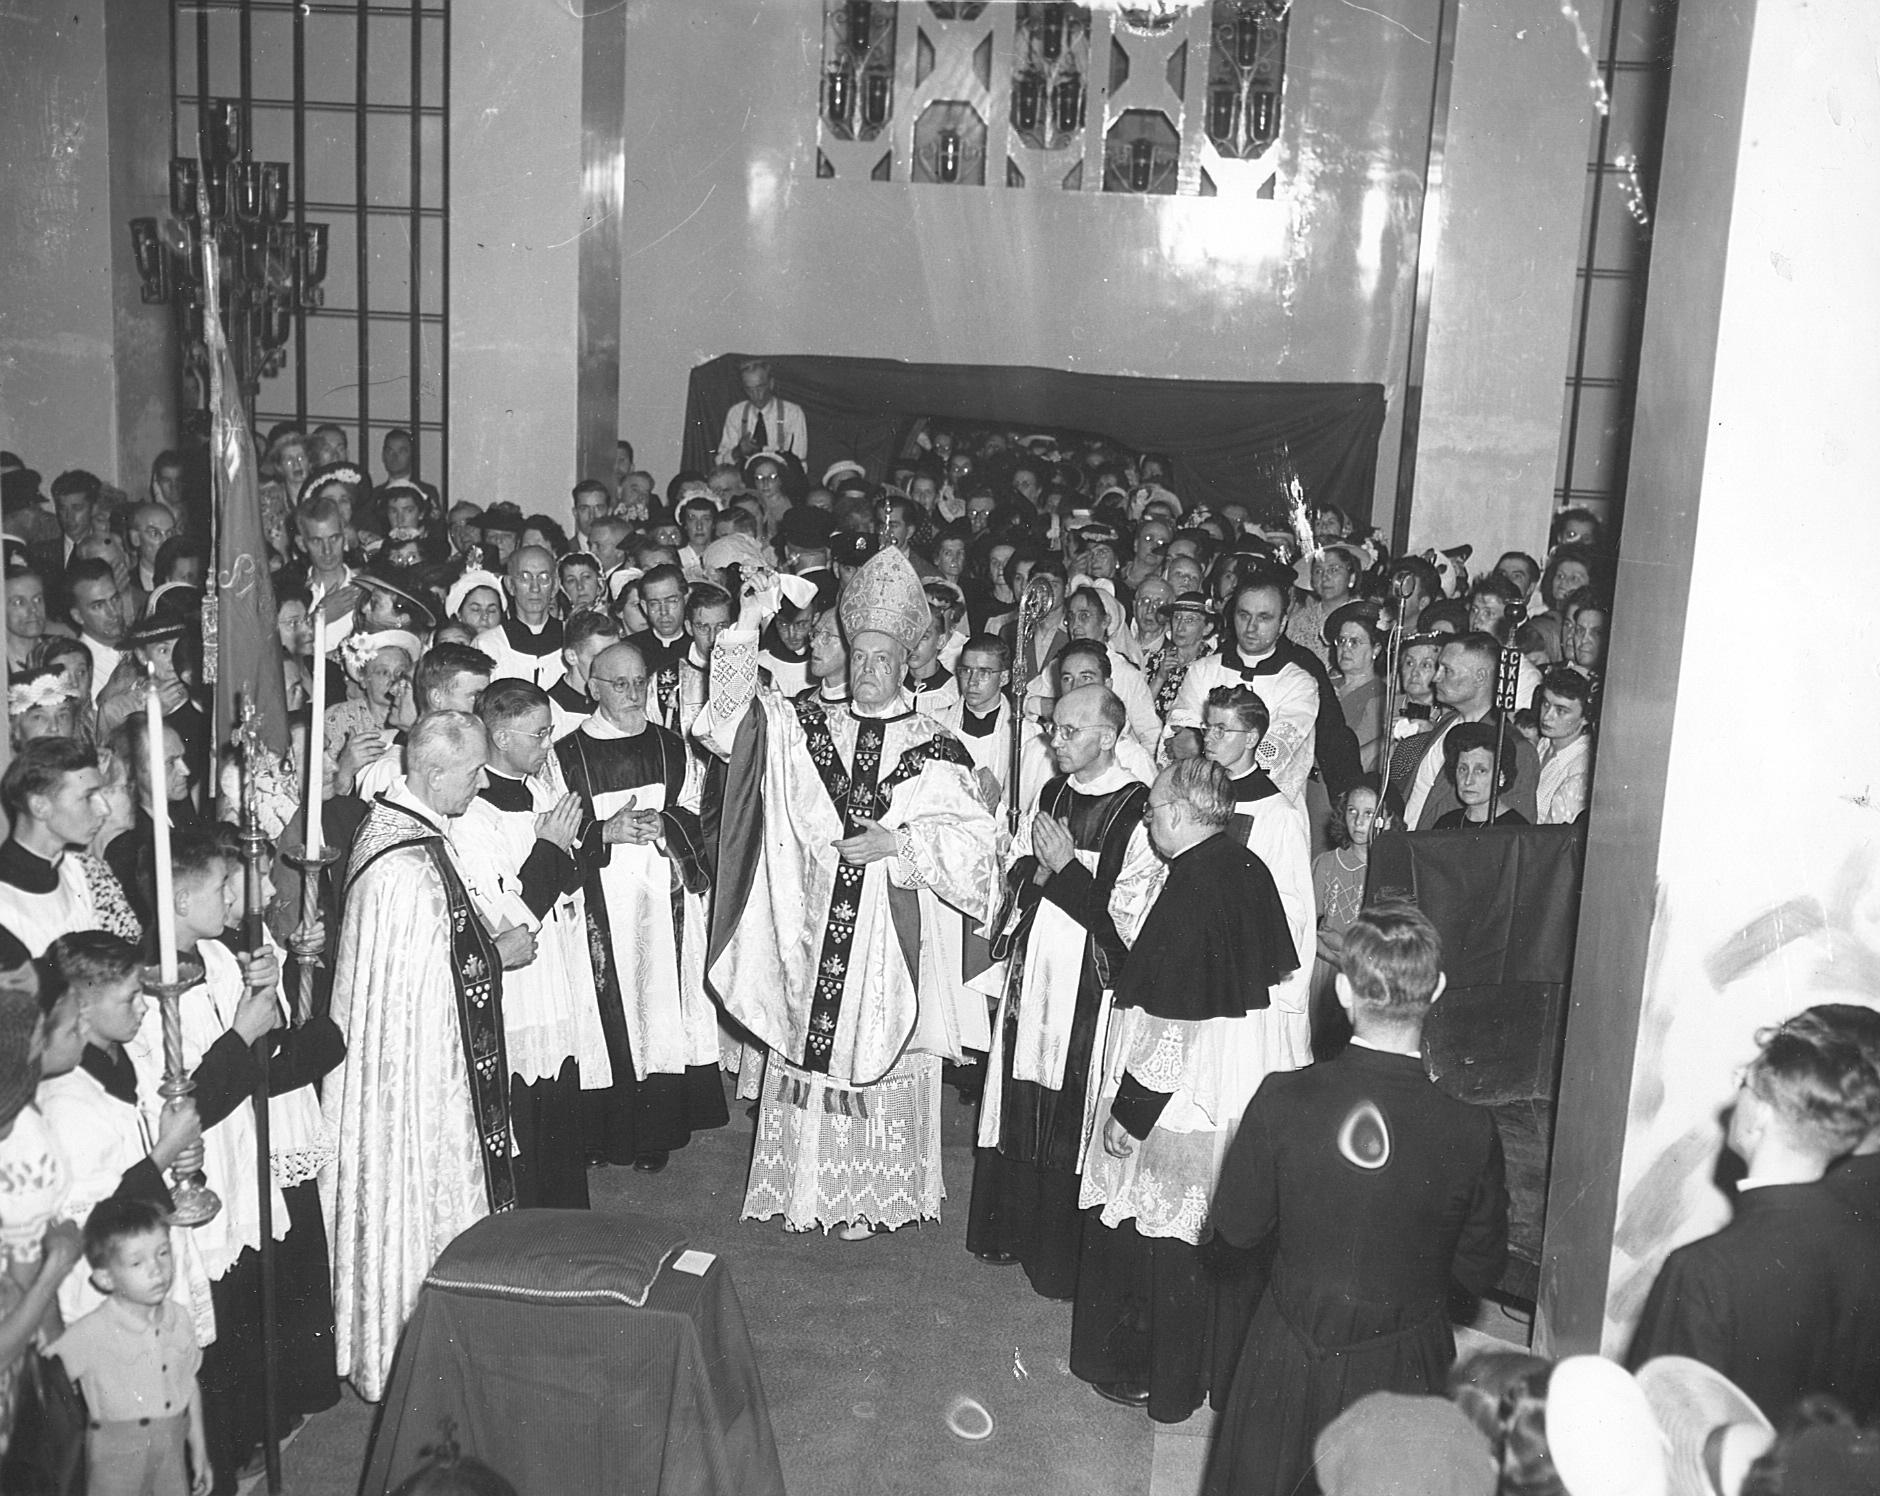 Bénédiction chapelle des ex-voto, Mgr Joseph Charbonneau, 1949